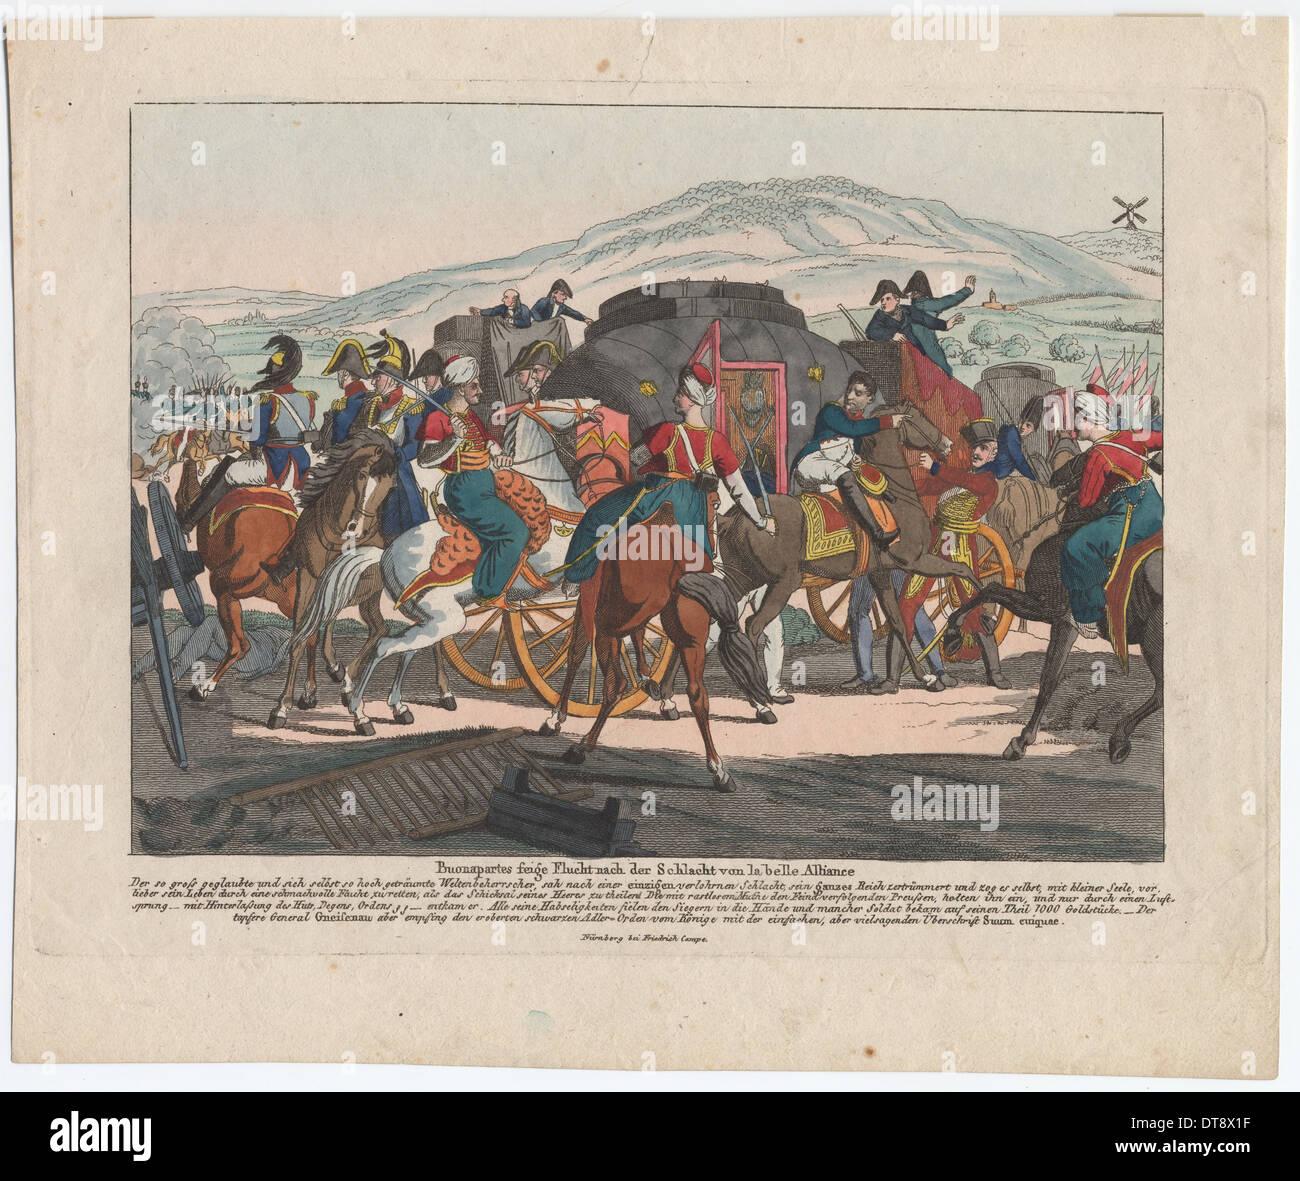 La huida de Napoleón tras la batalla de Waterloo. Artista: Campe, Agosto Friedrich Andreas (1777-1846) Imagen De Stock